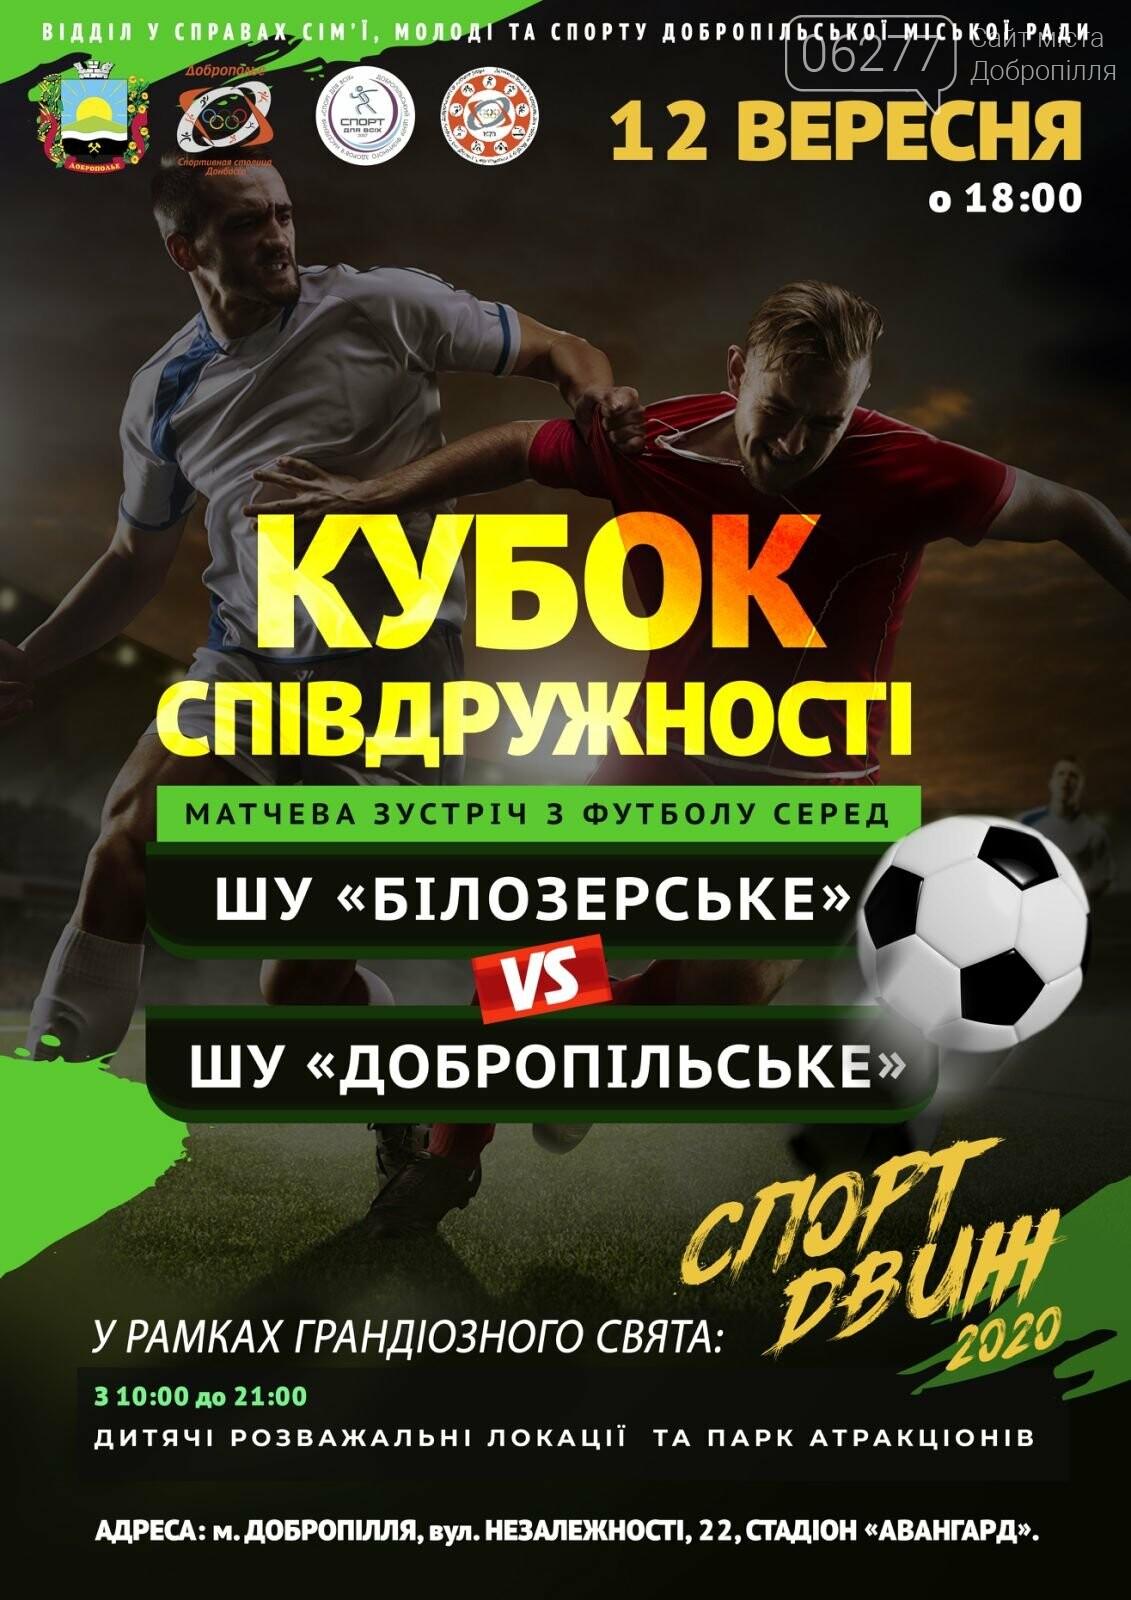 Спортивные выходные в Доброполье: афиша на 12 сентября, фото-3